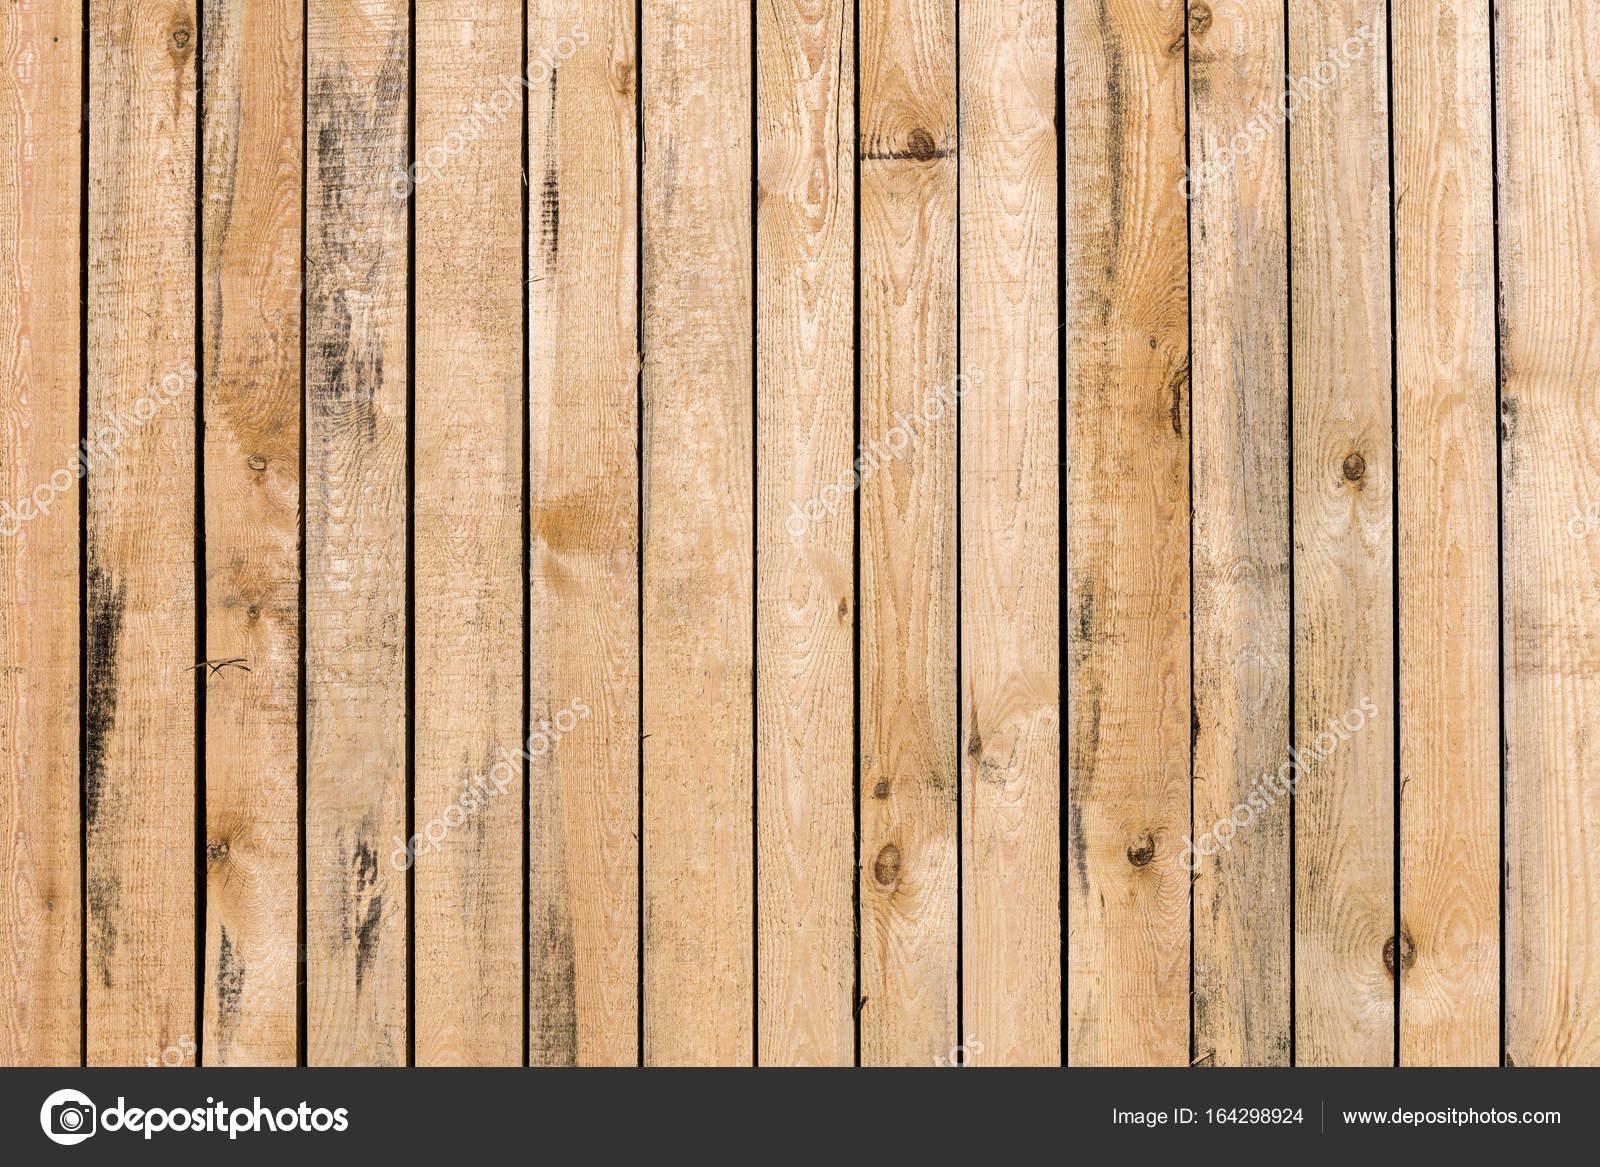 Weathered sfondo alta texture dettagliate tavole di legno